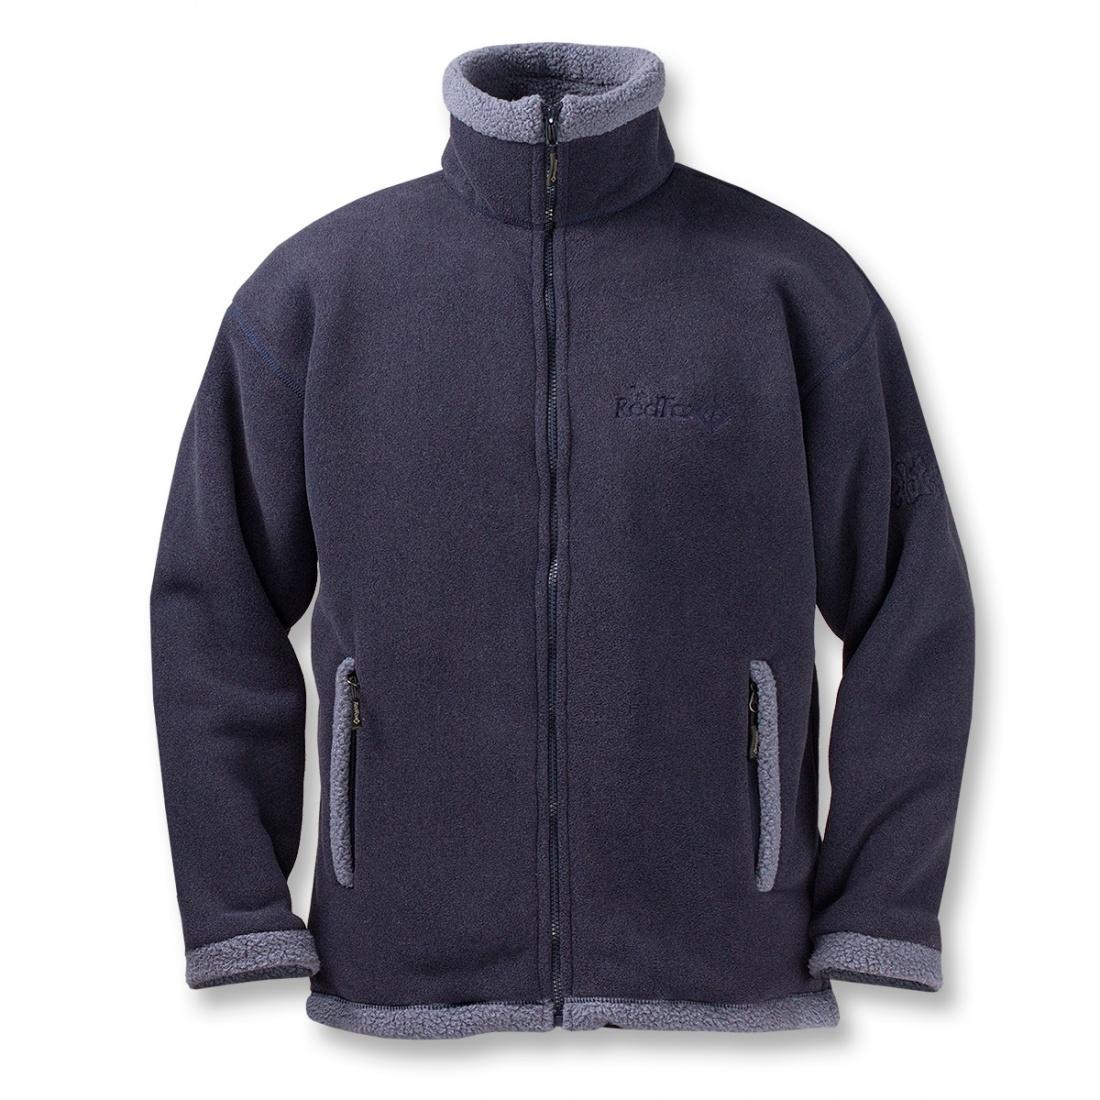 Куртка Cliff МужскаяКуртки<br><br> Модель курток Сliff признана одной из самых популярных в коллекции Red Fox среди изделий из материаловPolartec®.<br><br><br> <br><br><br><br><br>Мат...<br><br>Цвет: Синий<br>Размер: 60